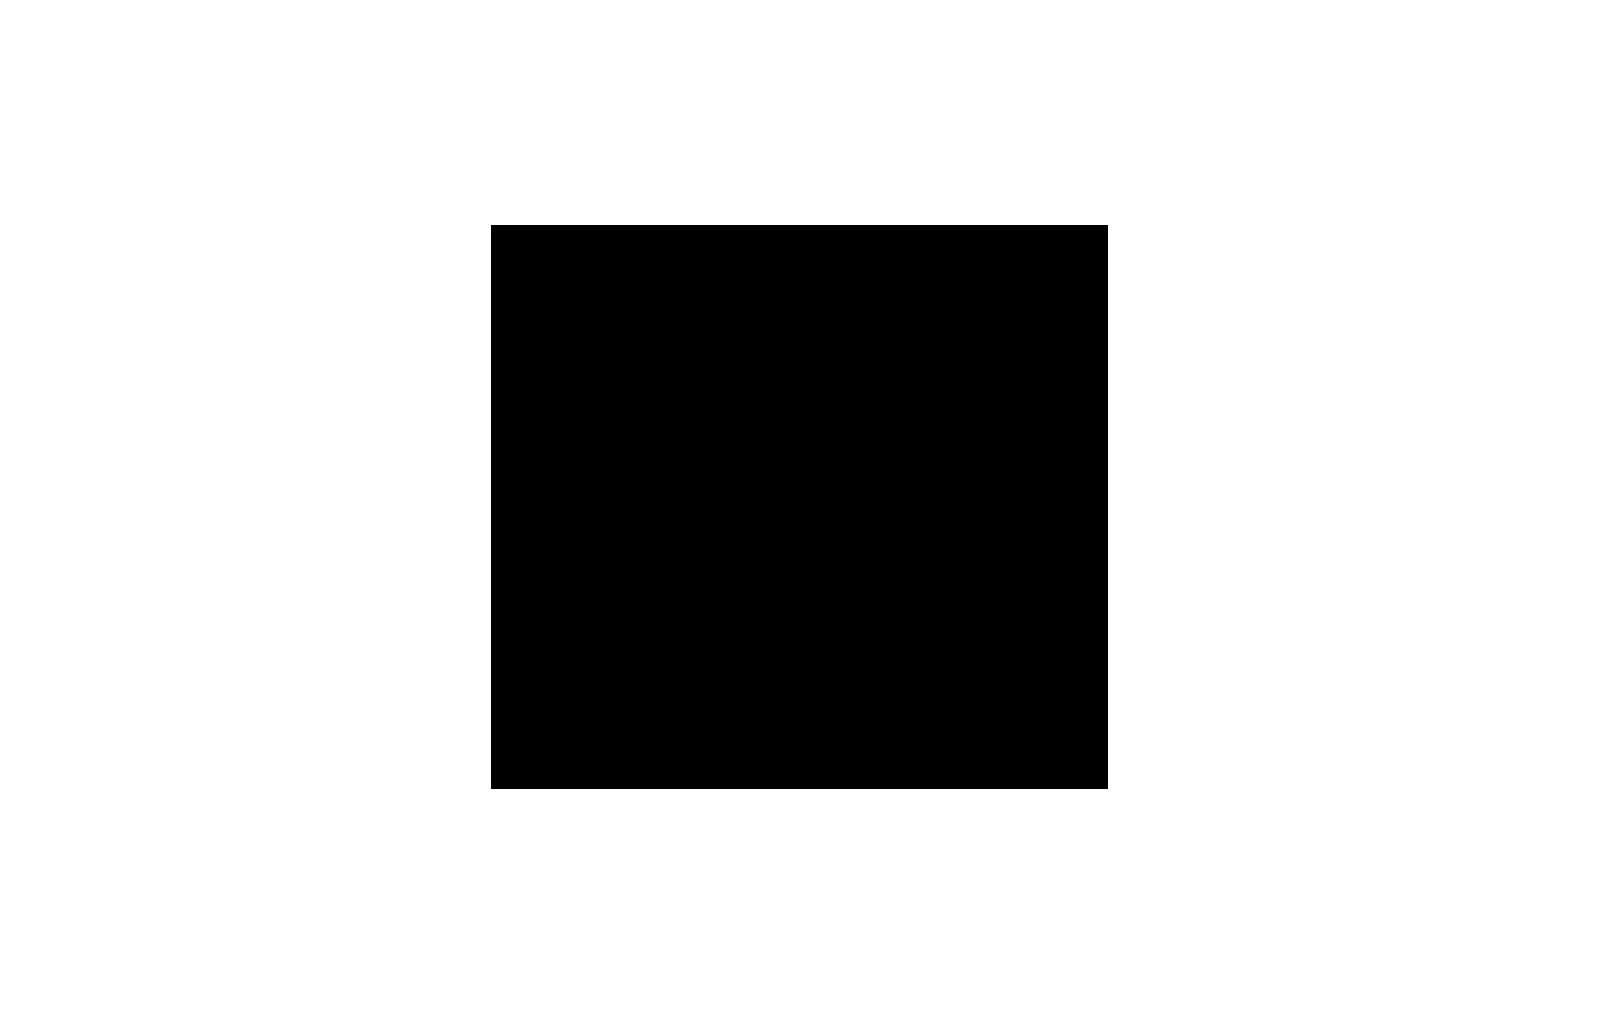 施华洛世奇 Swarovski 新logo